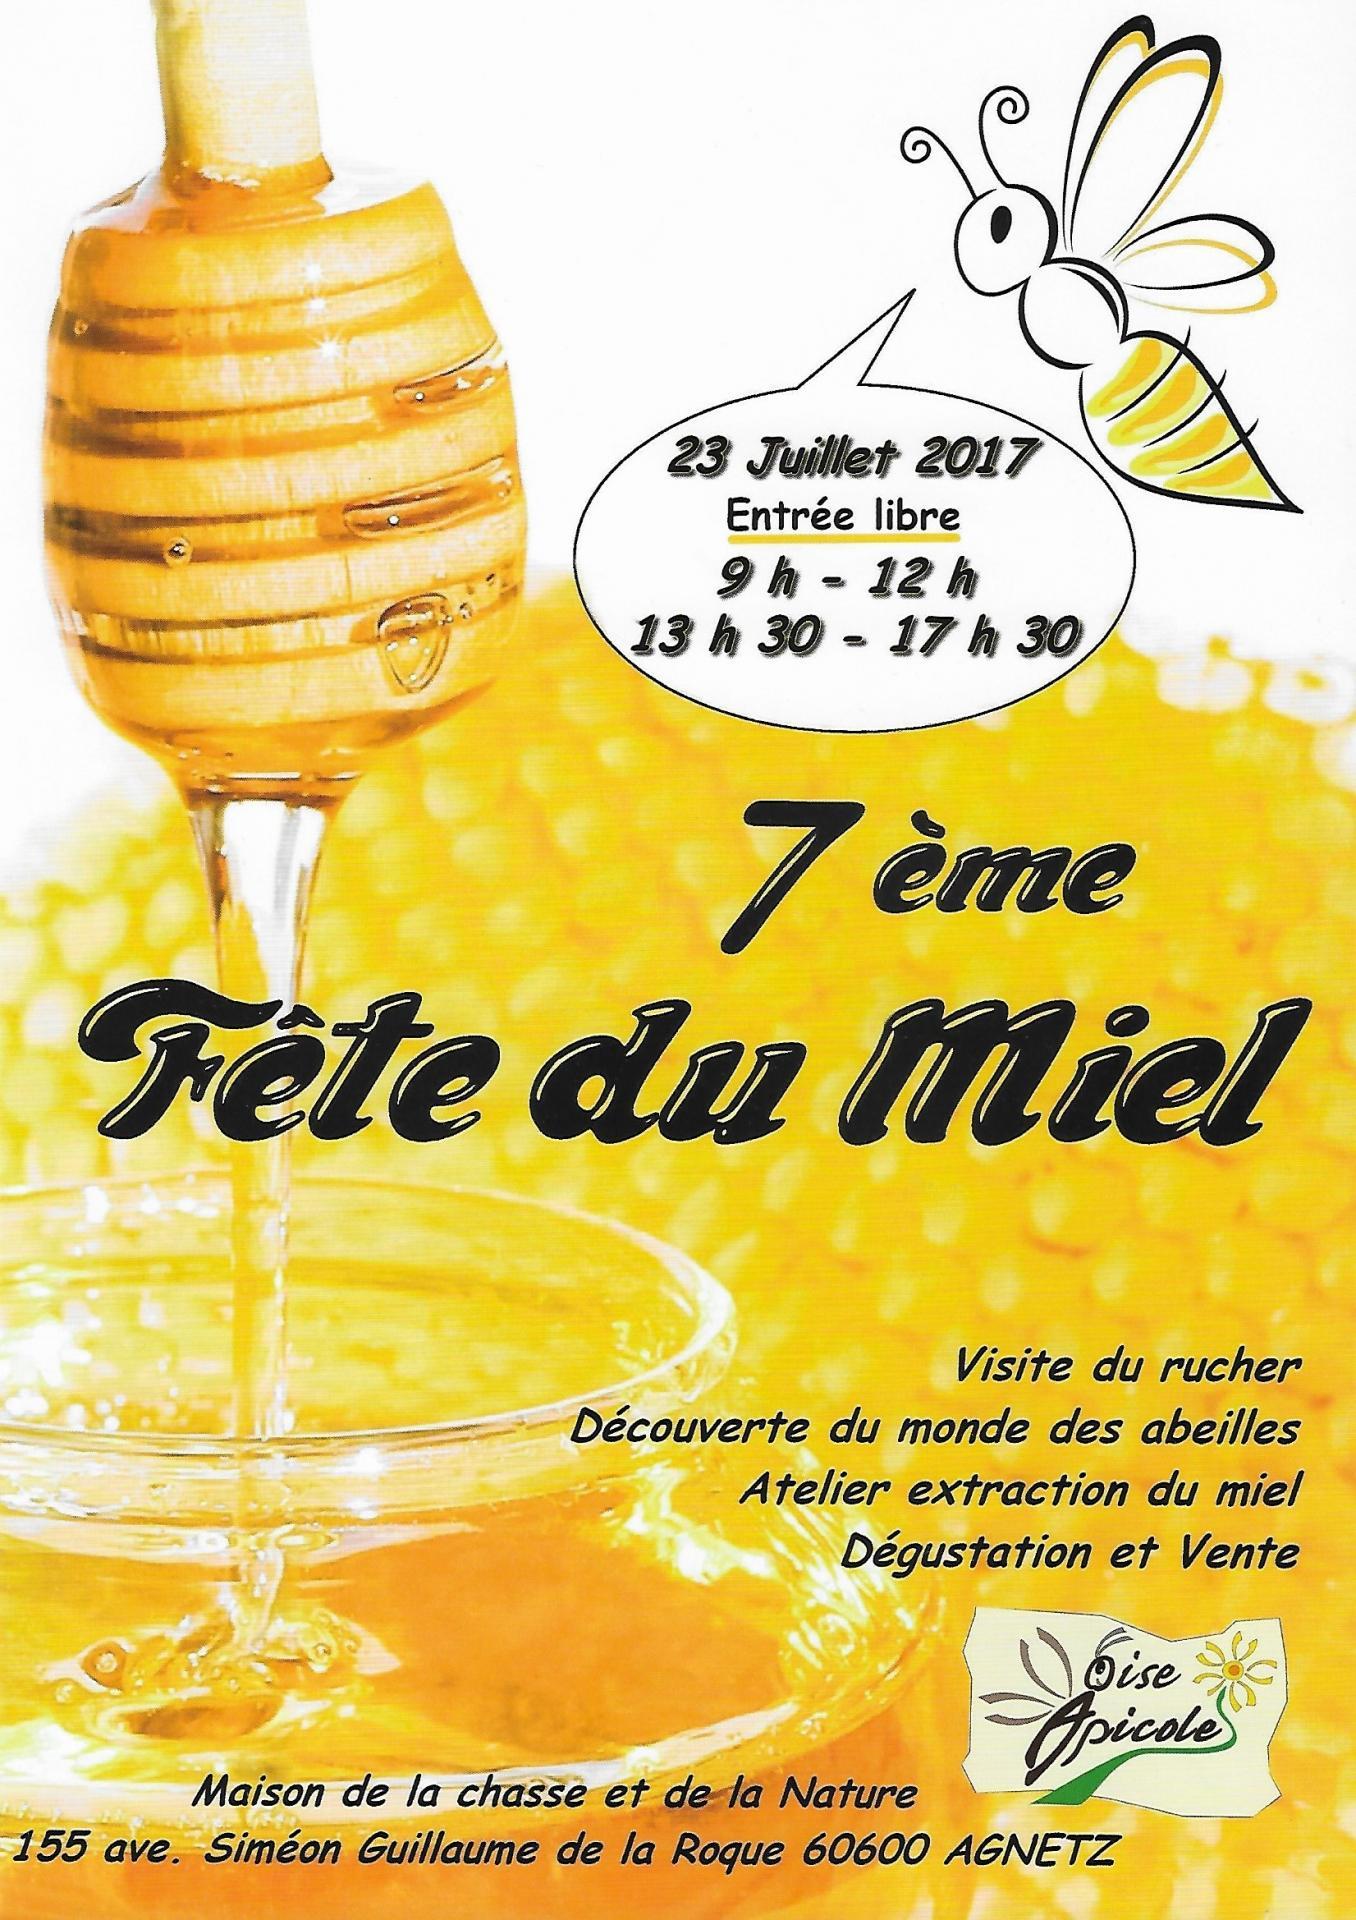 Fete du miel